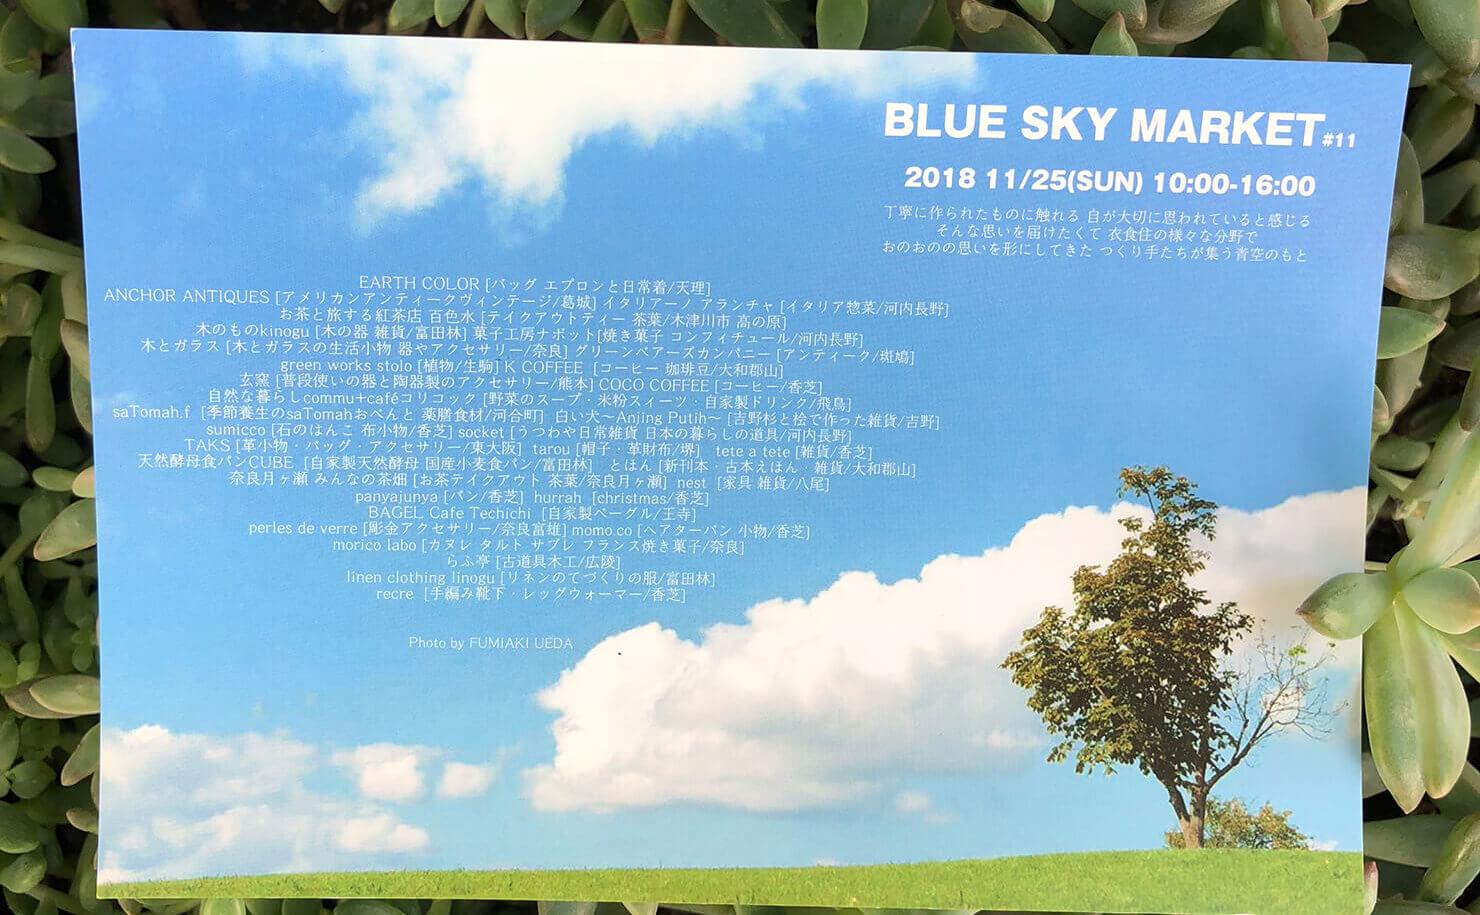 EARTH COLORは2018年10月16日のBLUE SKY MARKET#11に参加します